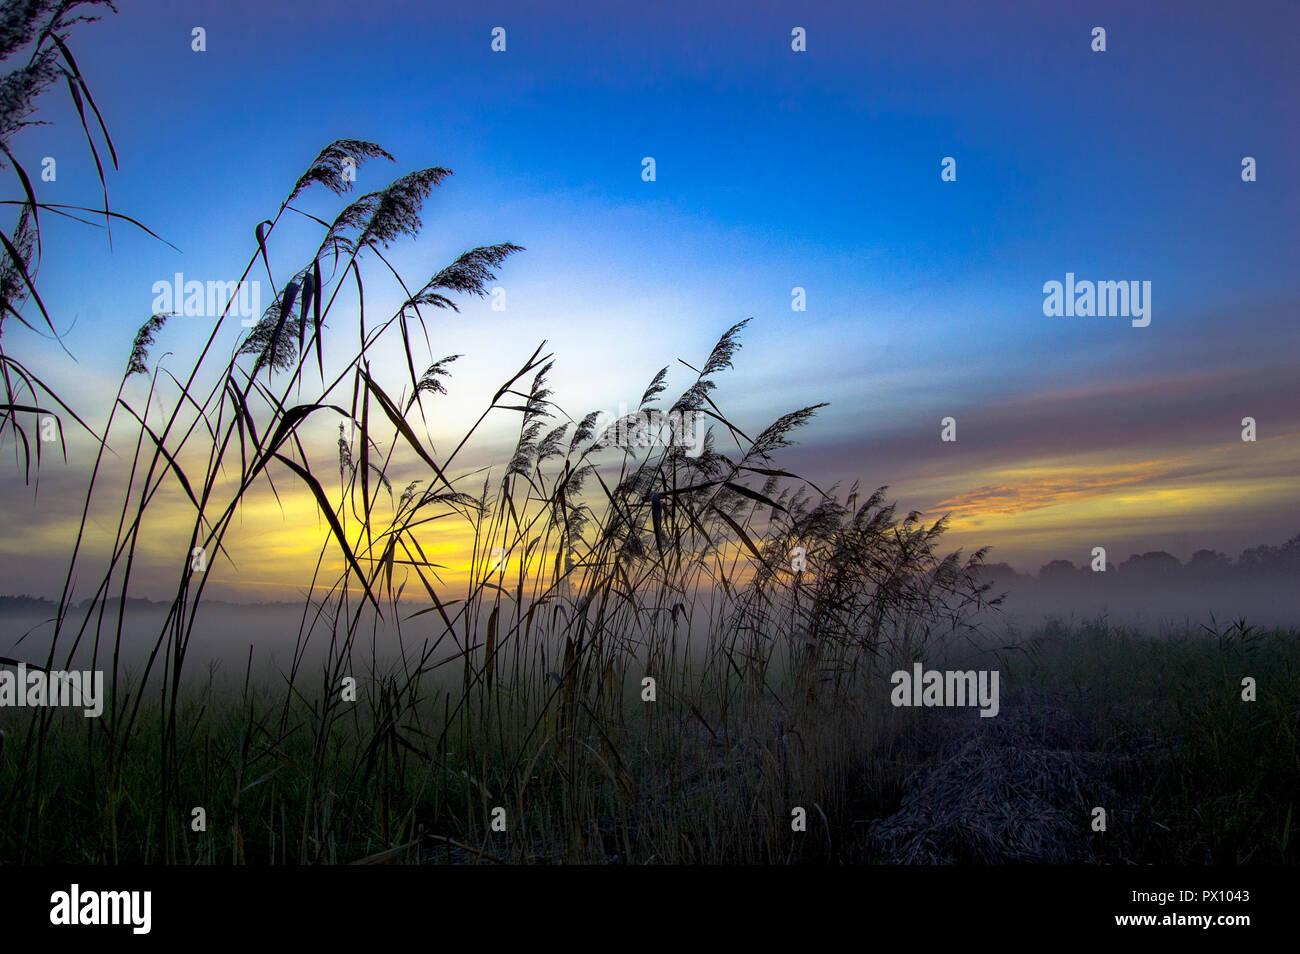 Misty cañas durante la puesta de sol sobre un fondo de nubes, colorido paisaje con niebla reed común Imagen De Stock